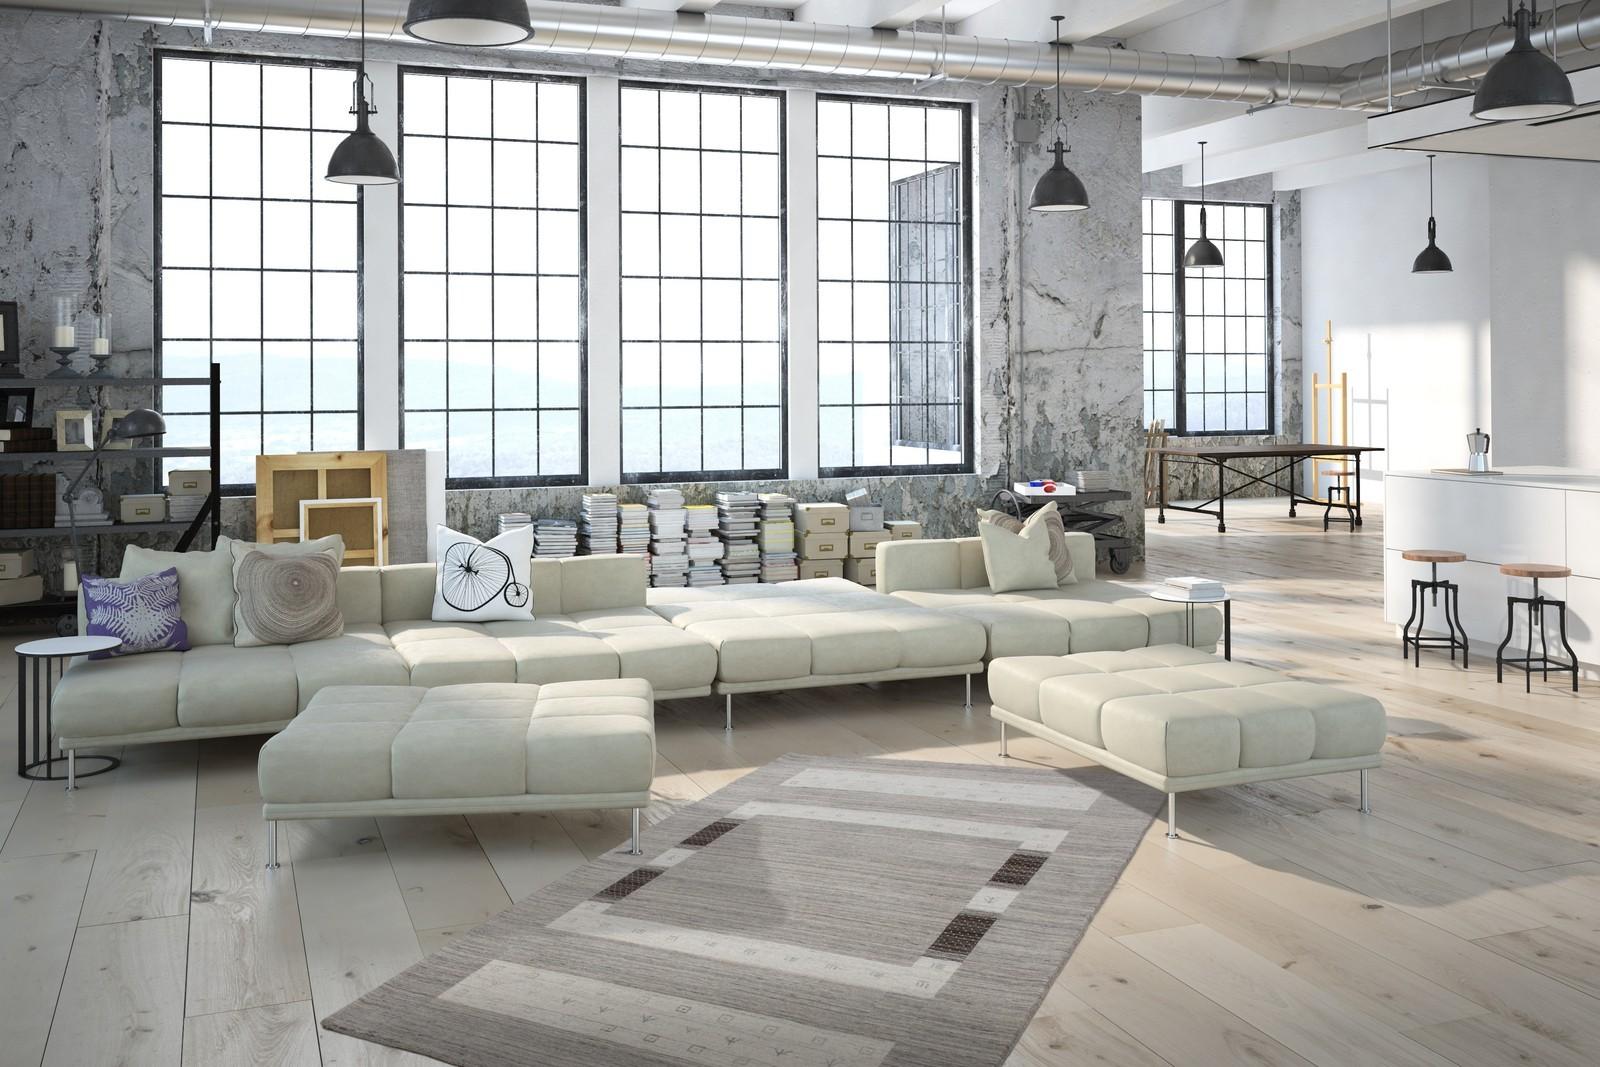 saint maclou paillasson saint maclou paillasson with saint maclou paillasson beautiful le. Black Bedroom Furniture Sets. Home Design Ideas